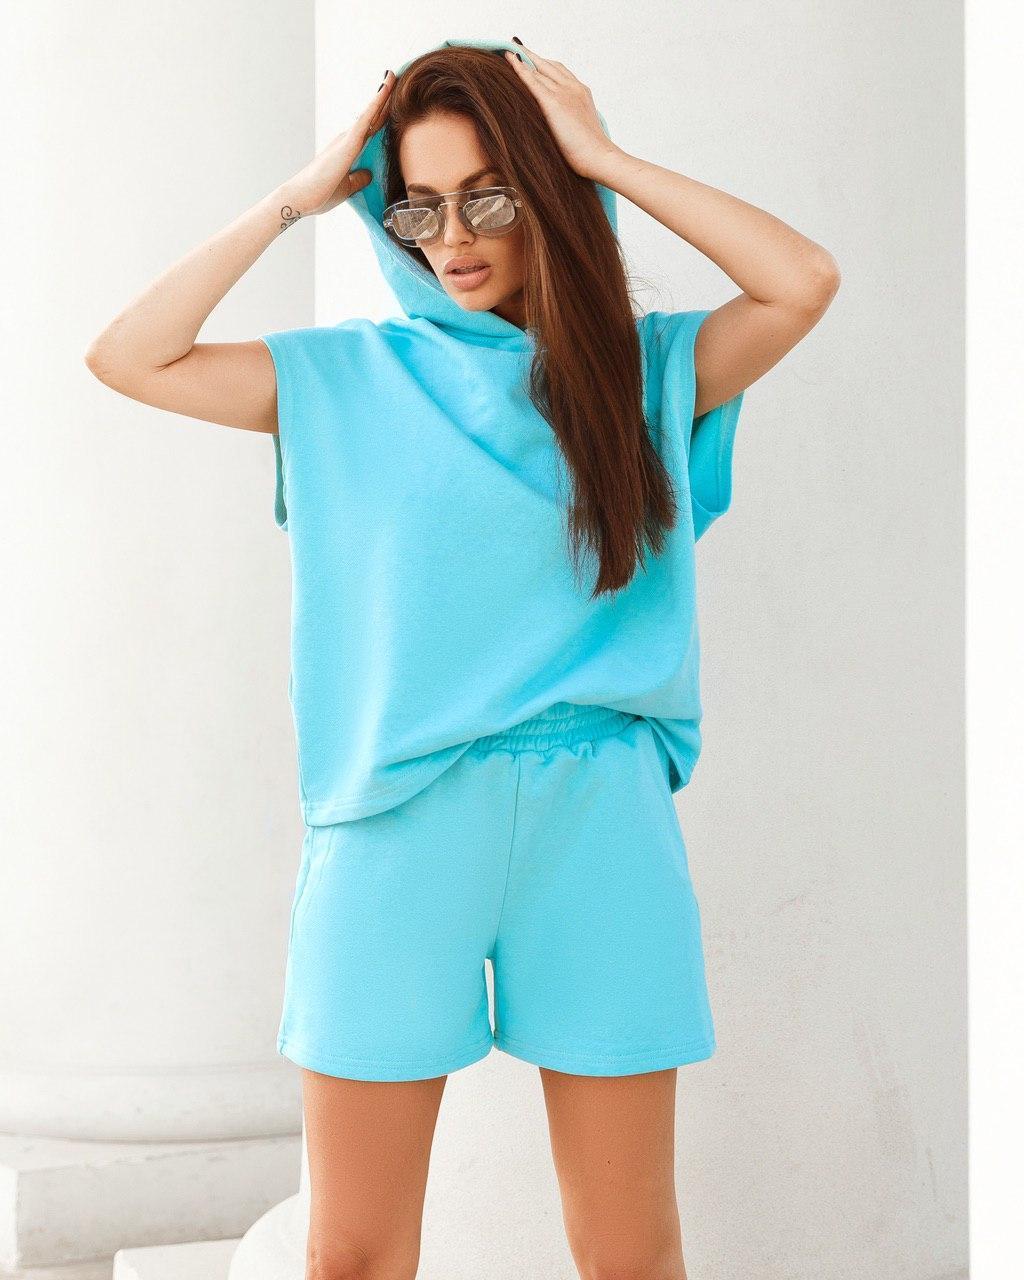 Костюм женский спортивный трикотажный с шортами AniTi 411, голубой